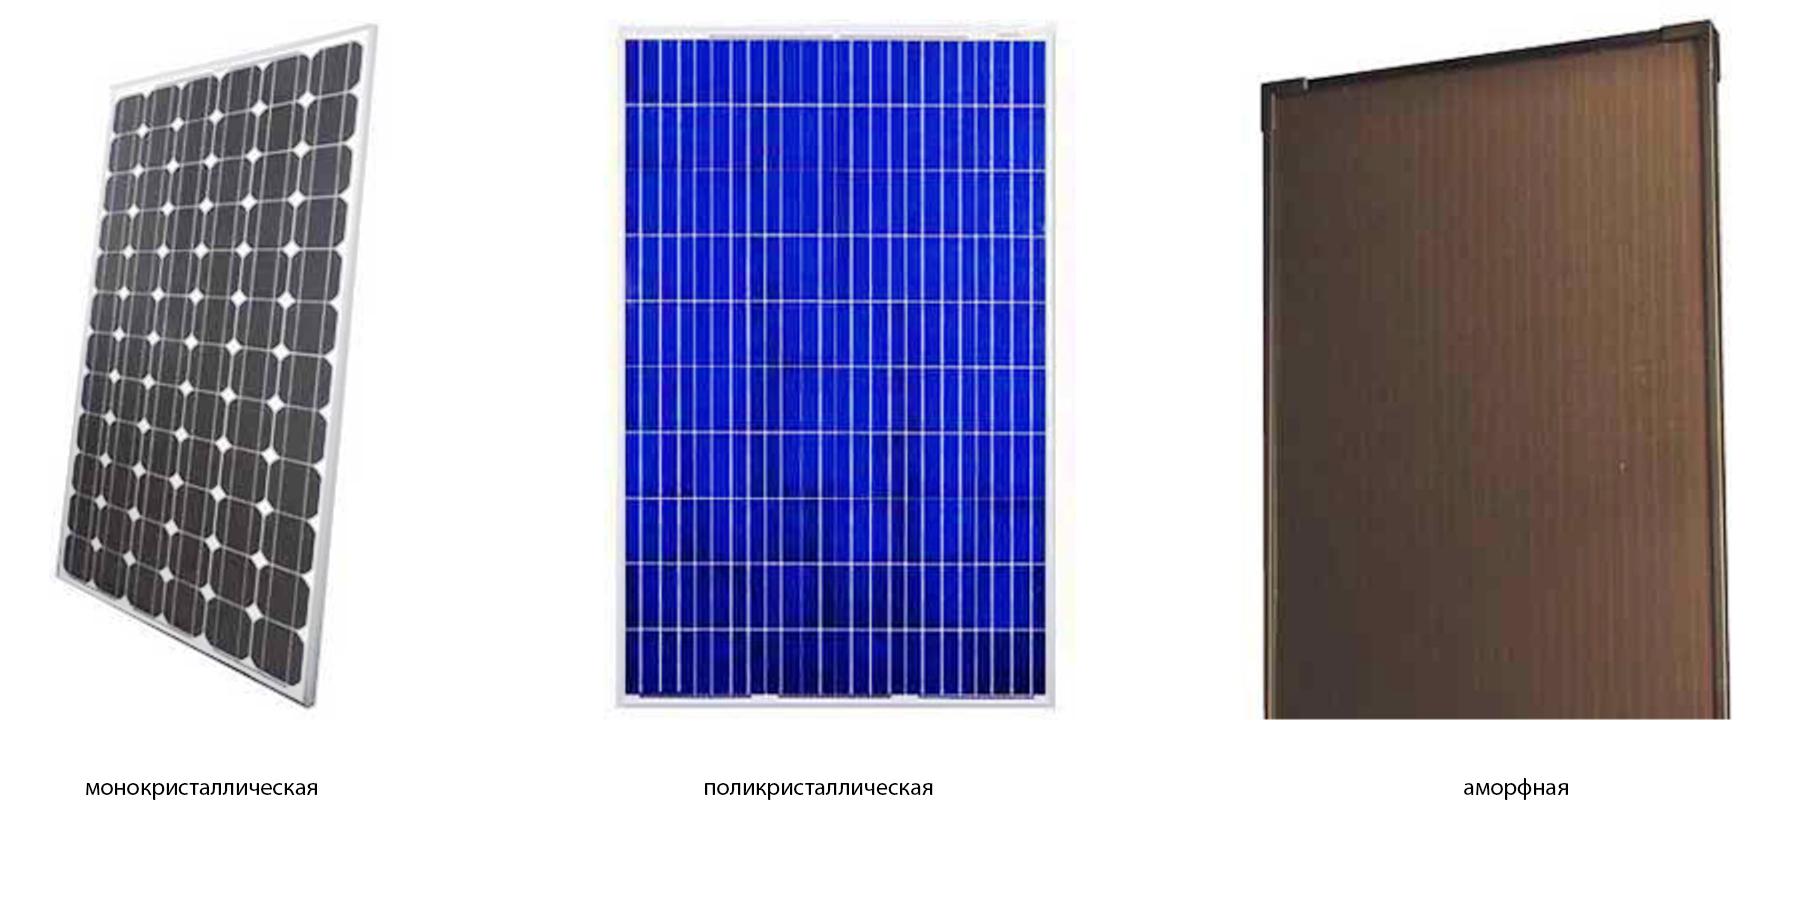 Vidy-alternativnykh-istochnikov-energii.jpg